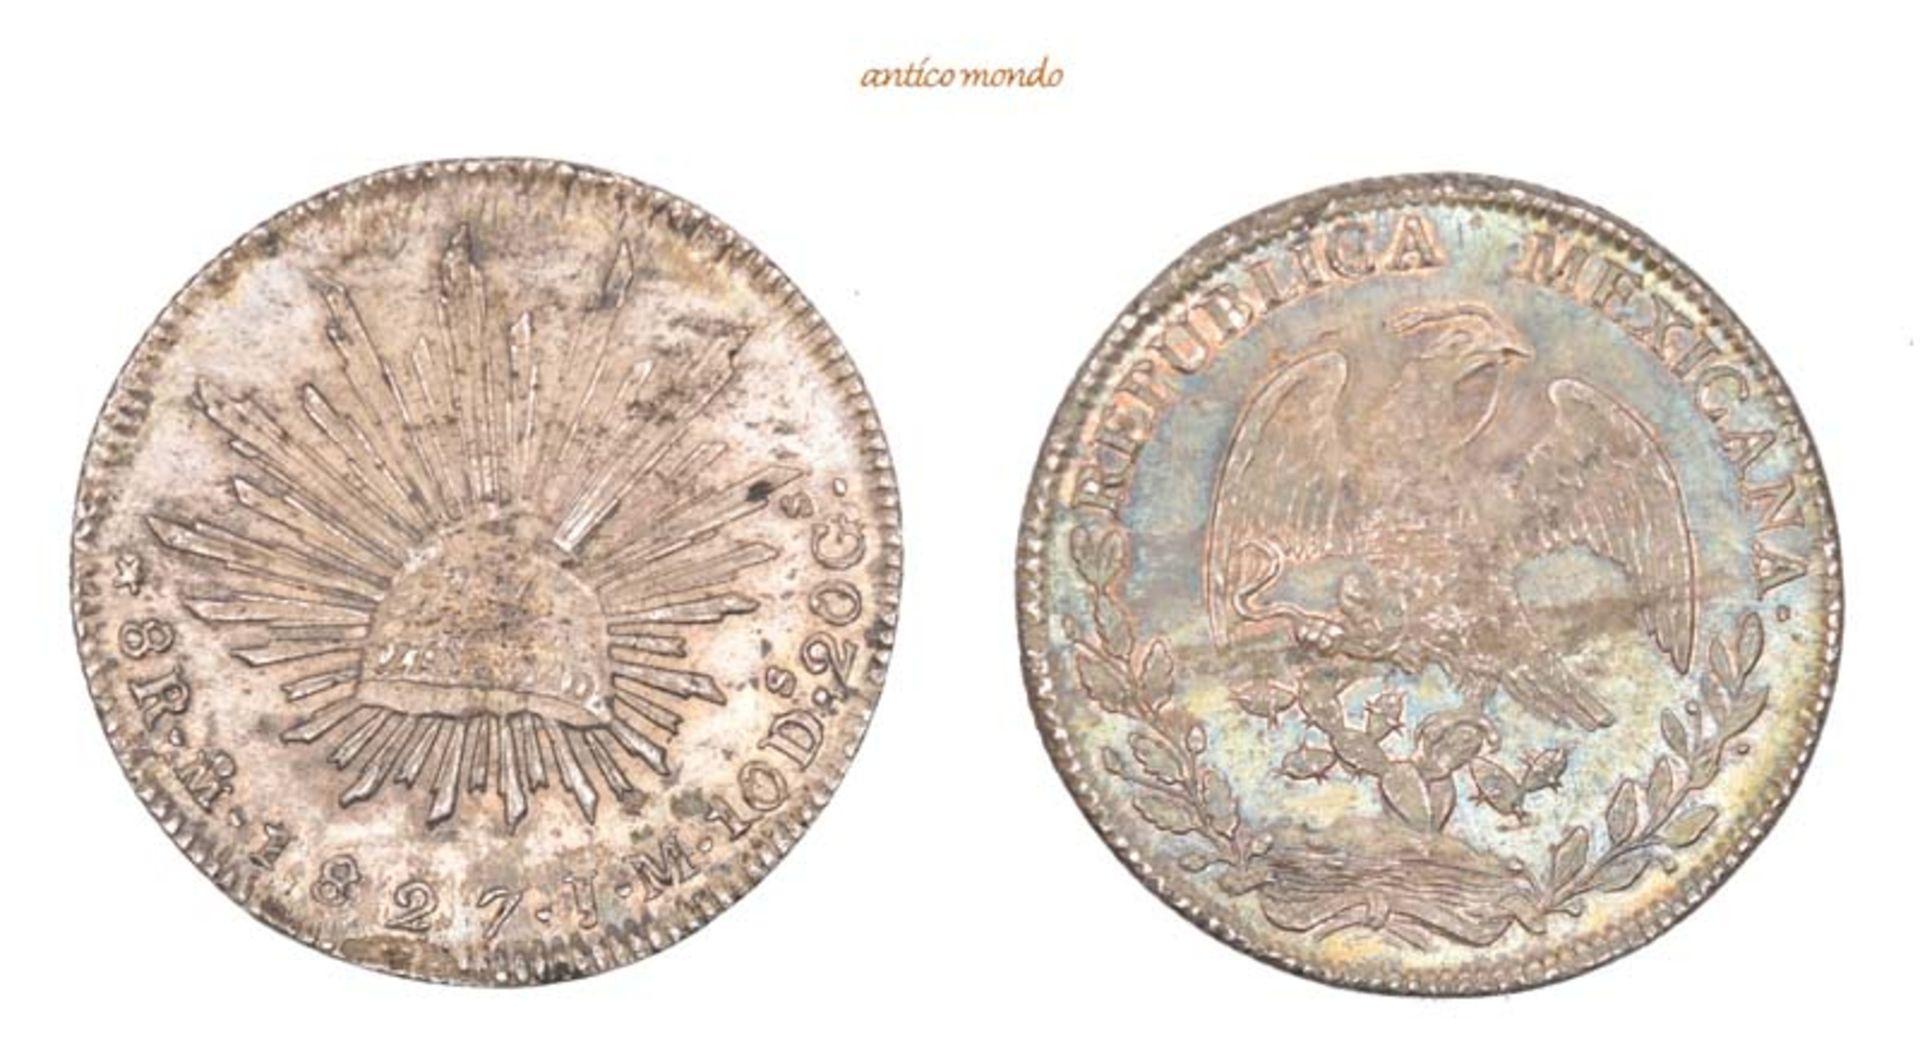 Mexiko, Republik, 8 Reales, 1827, hübsche Patina, winz. Schrötlingsfehler, vorzüglich, 26,89 g- - -